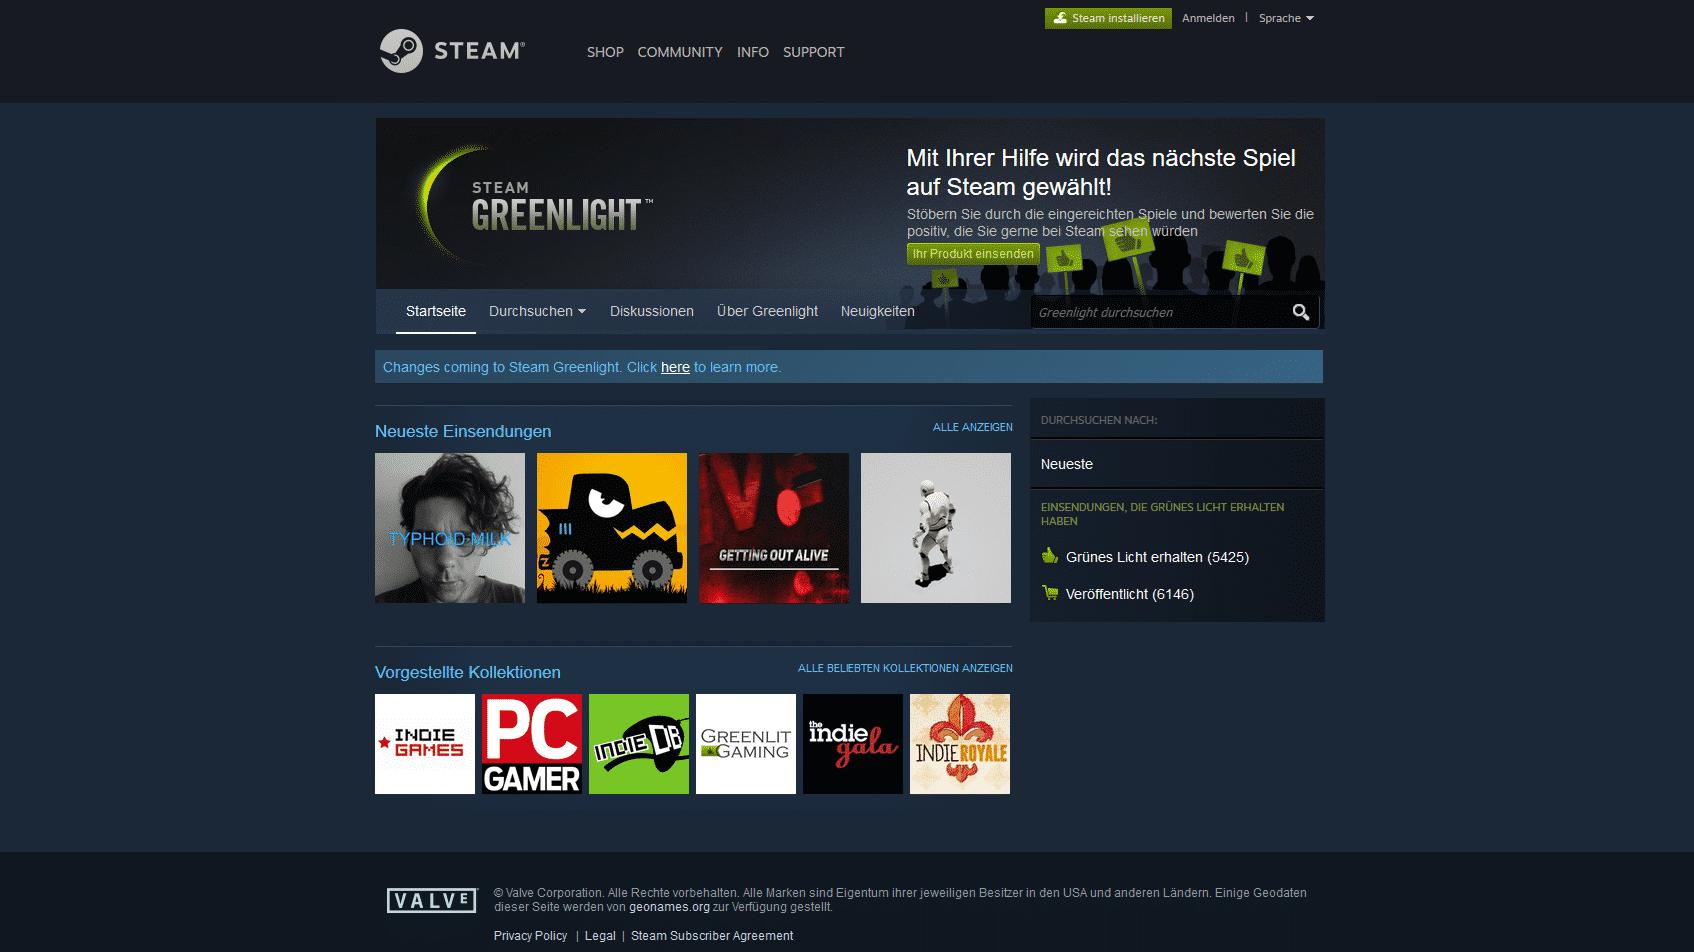 Steam: Valve stampft Greenlight ein